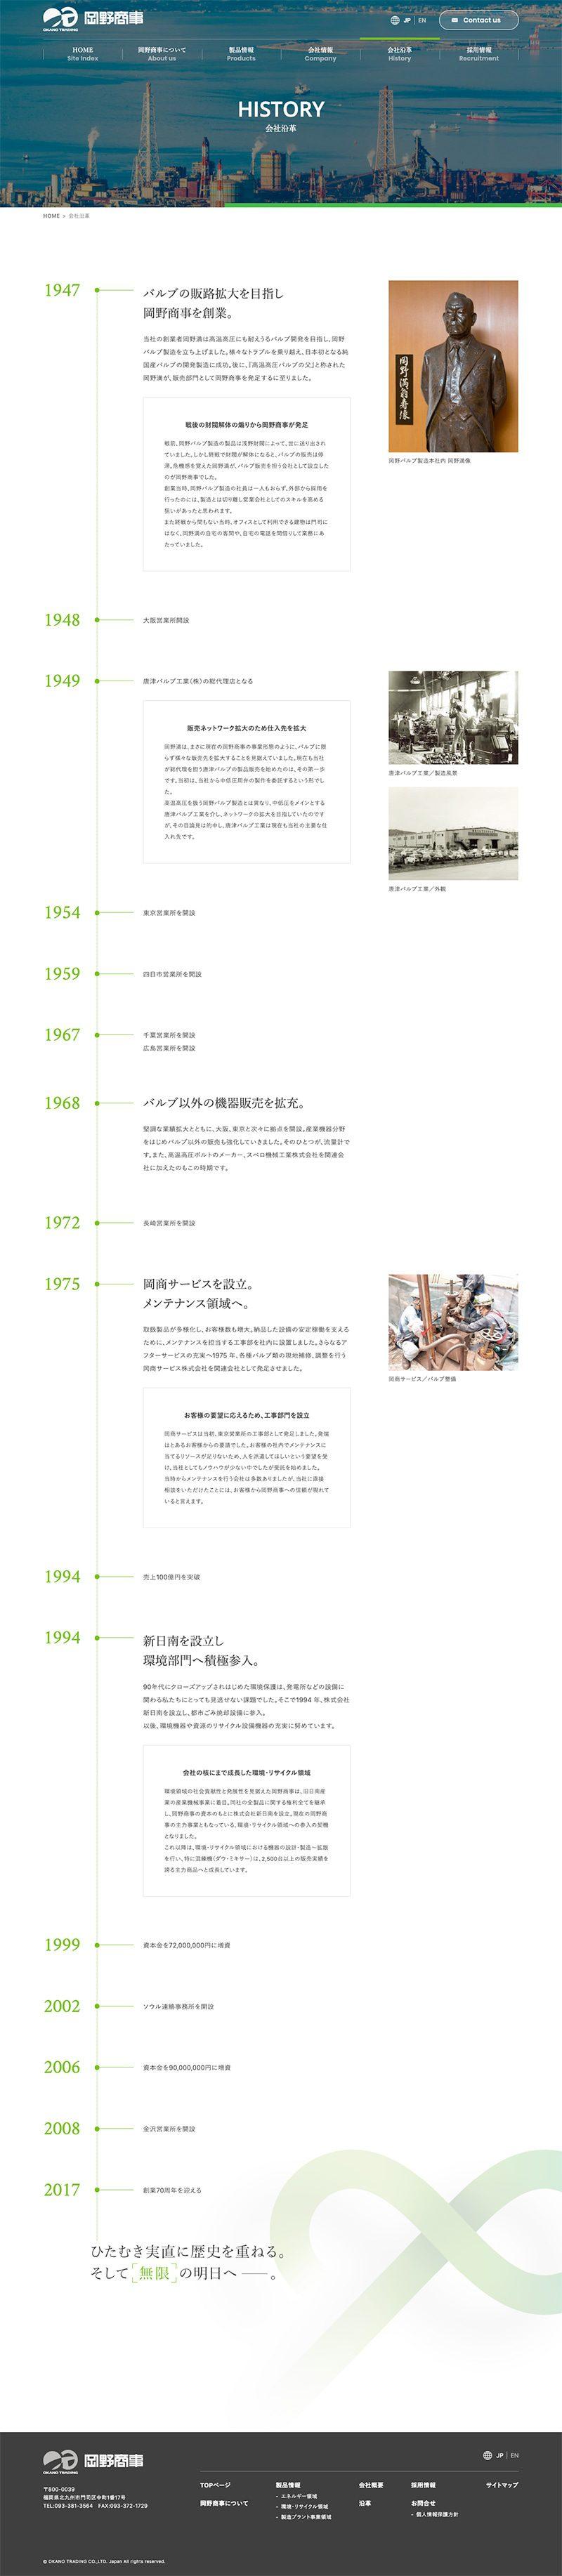 岡野商事株式会社様 コーポレートサイト/企業ヒストリー